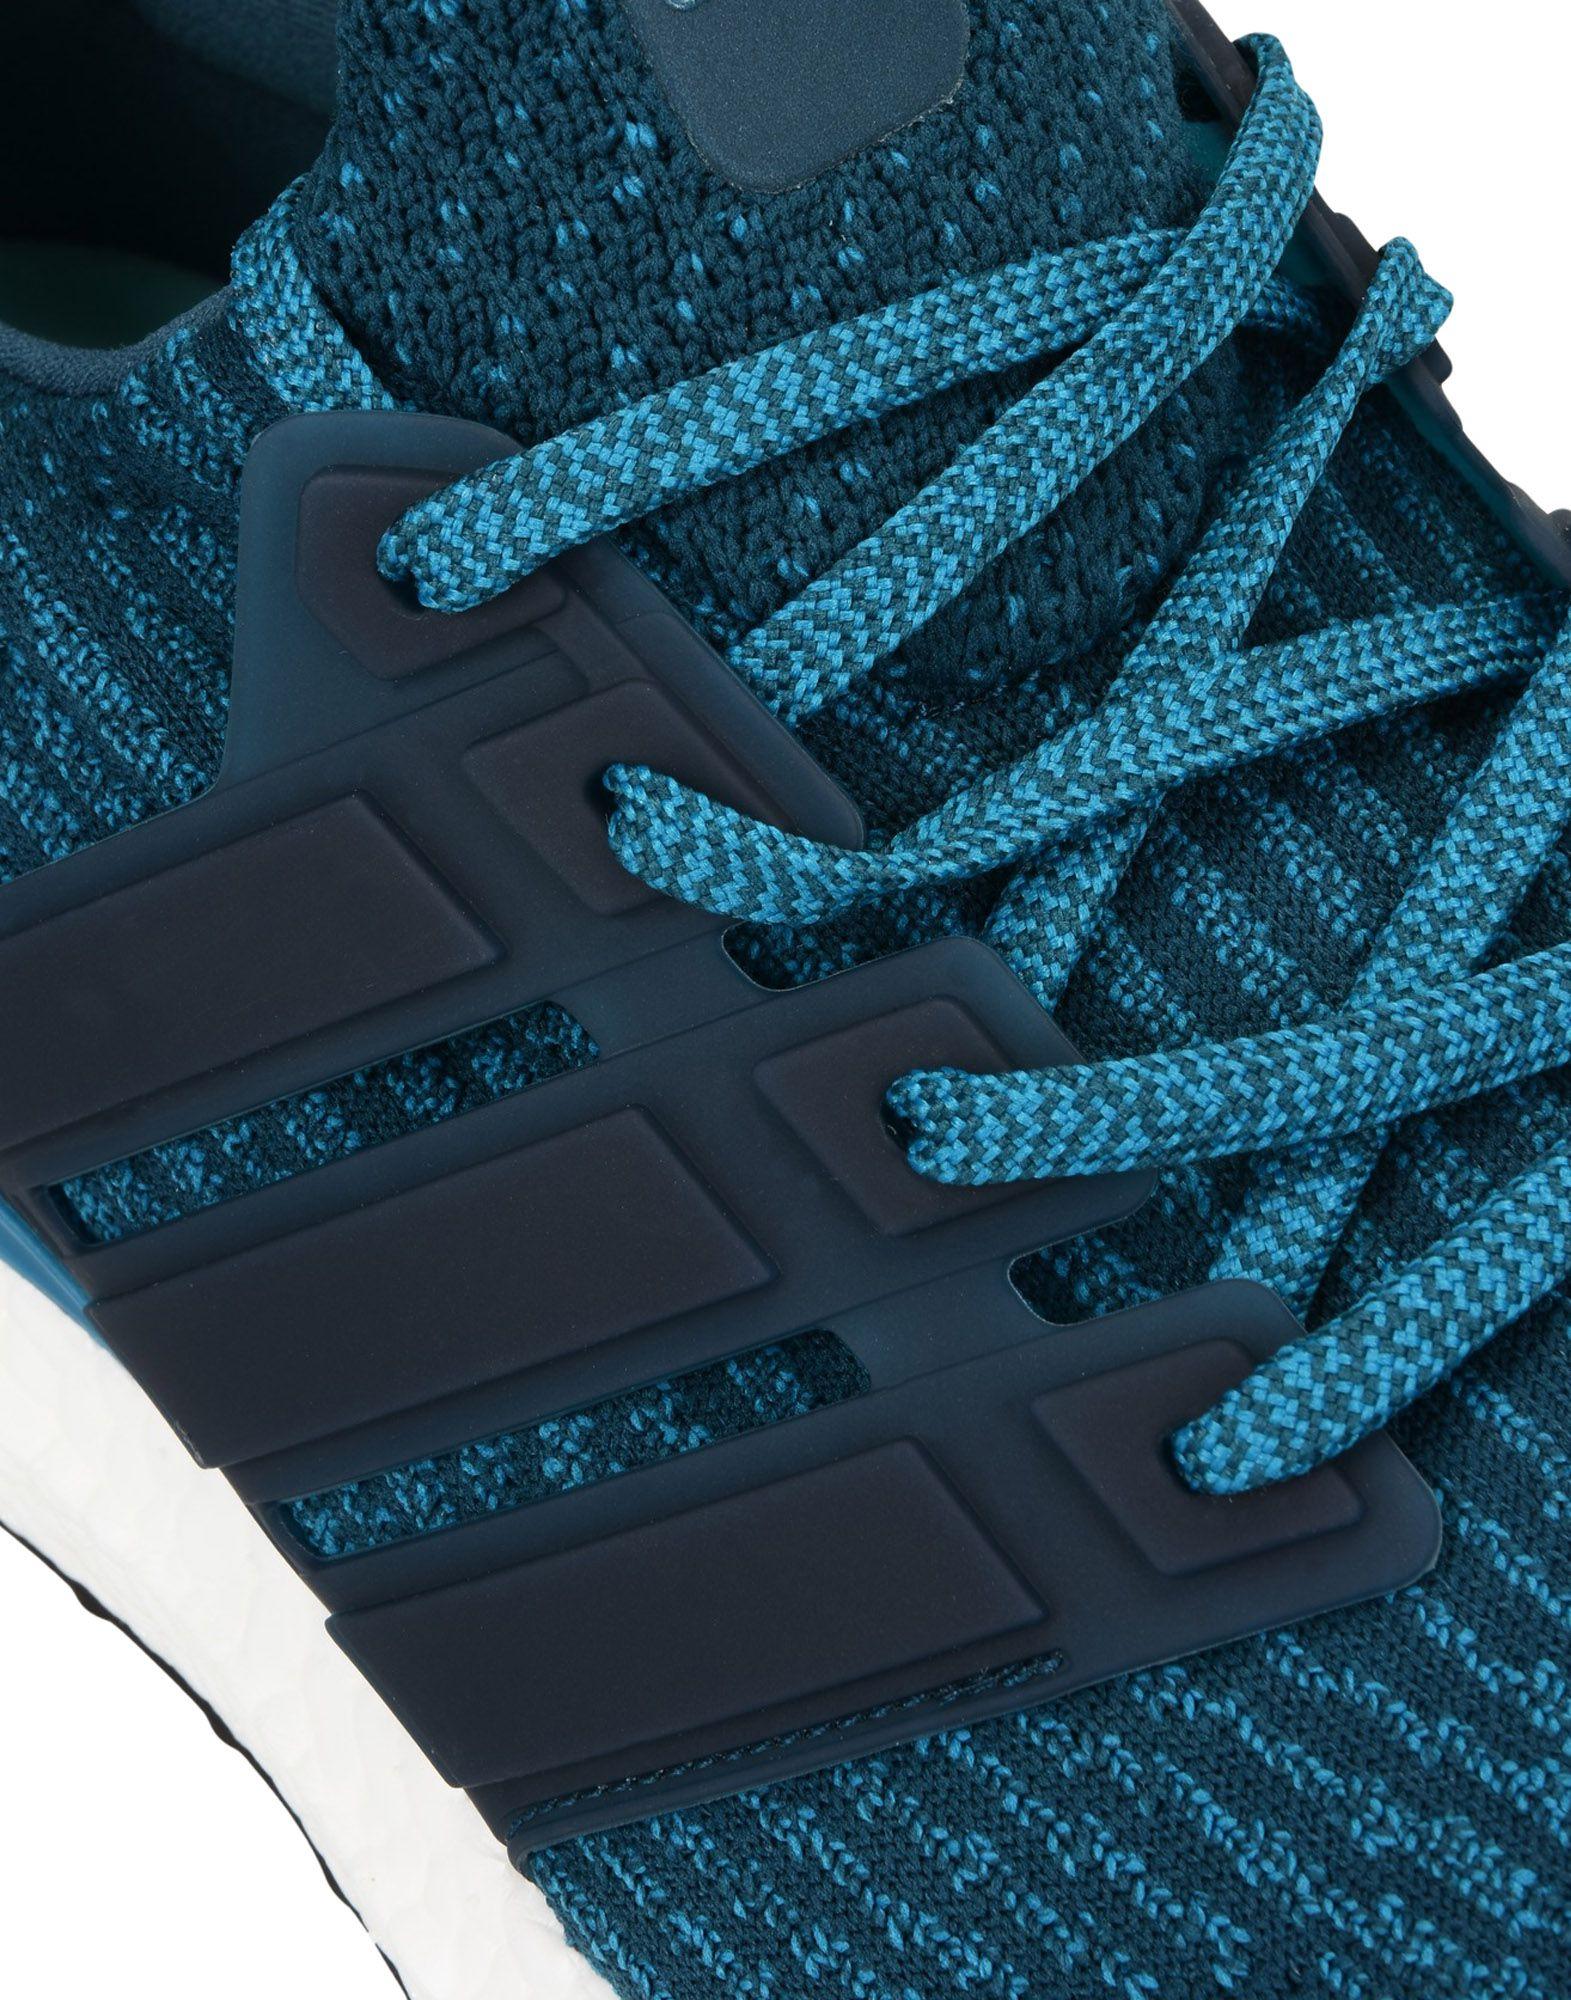 Sneakers Adidas Ultraboost - Homme - Sneakers Adidas sur